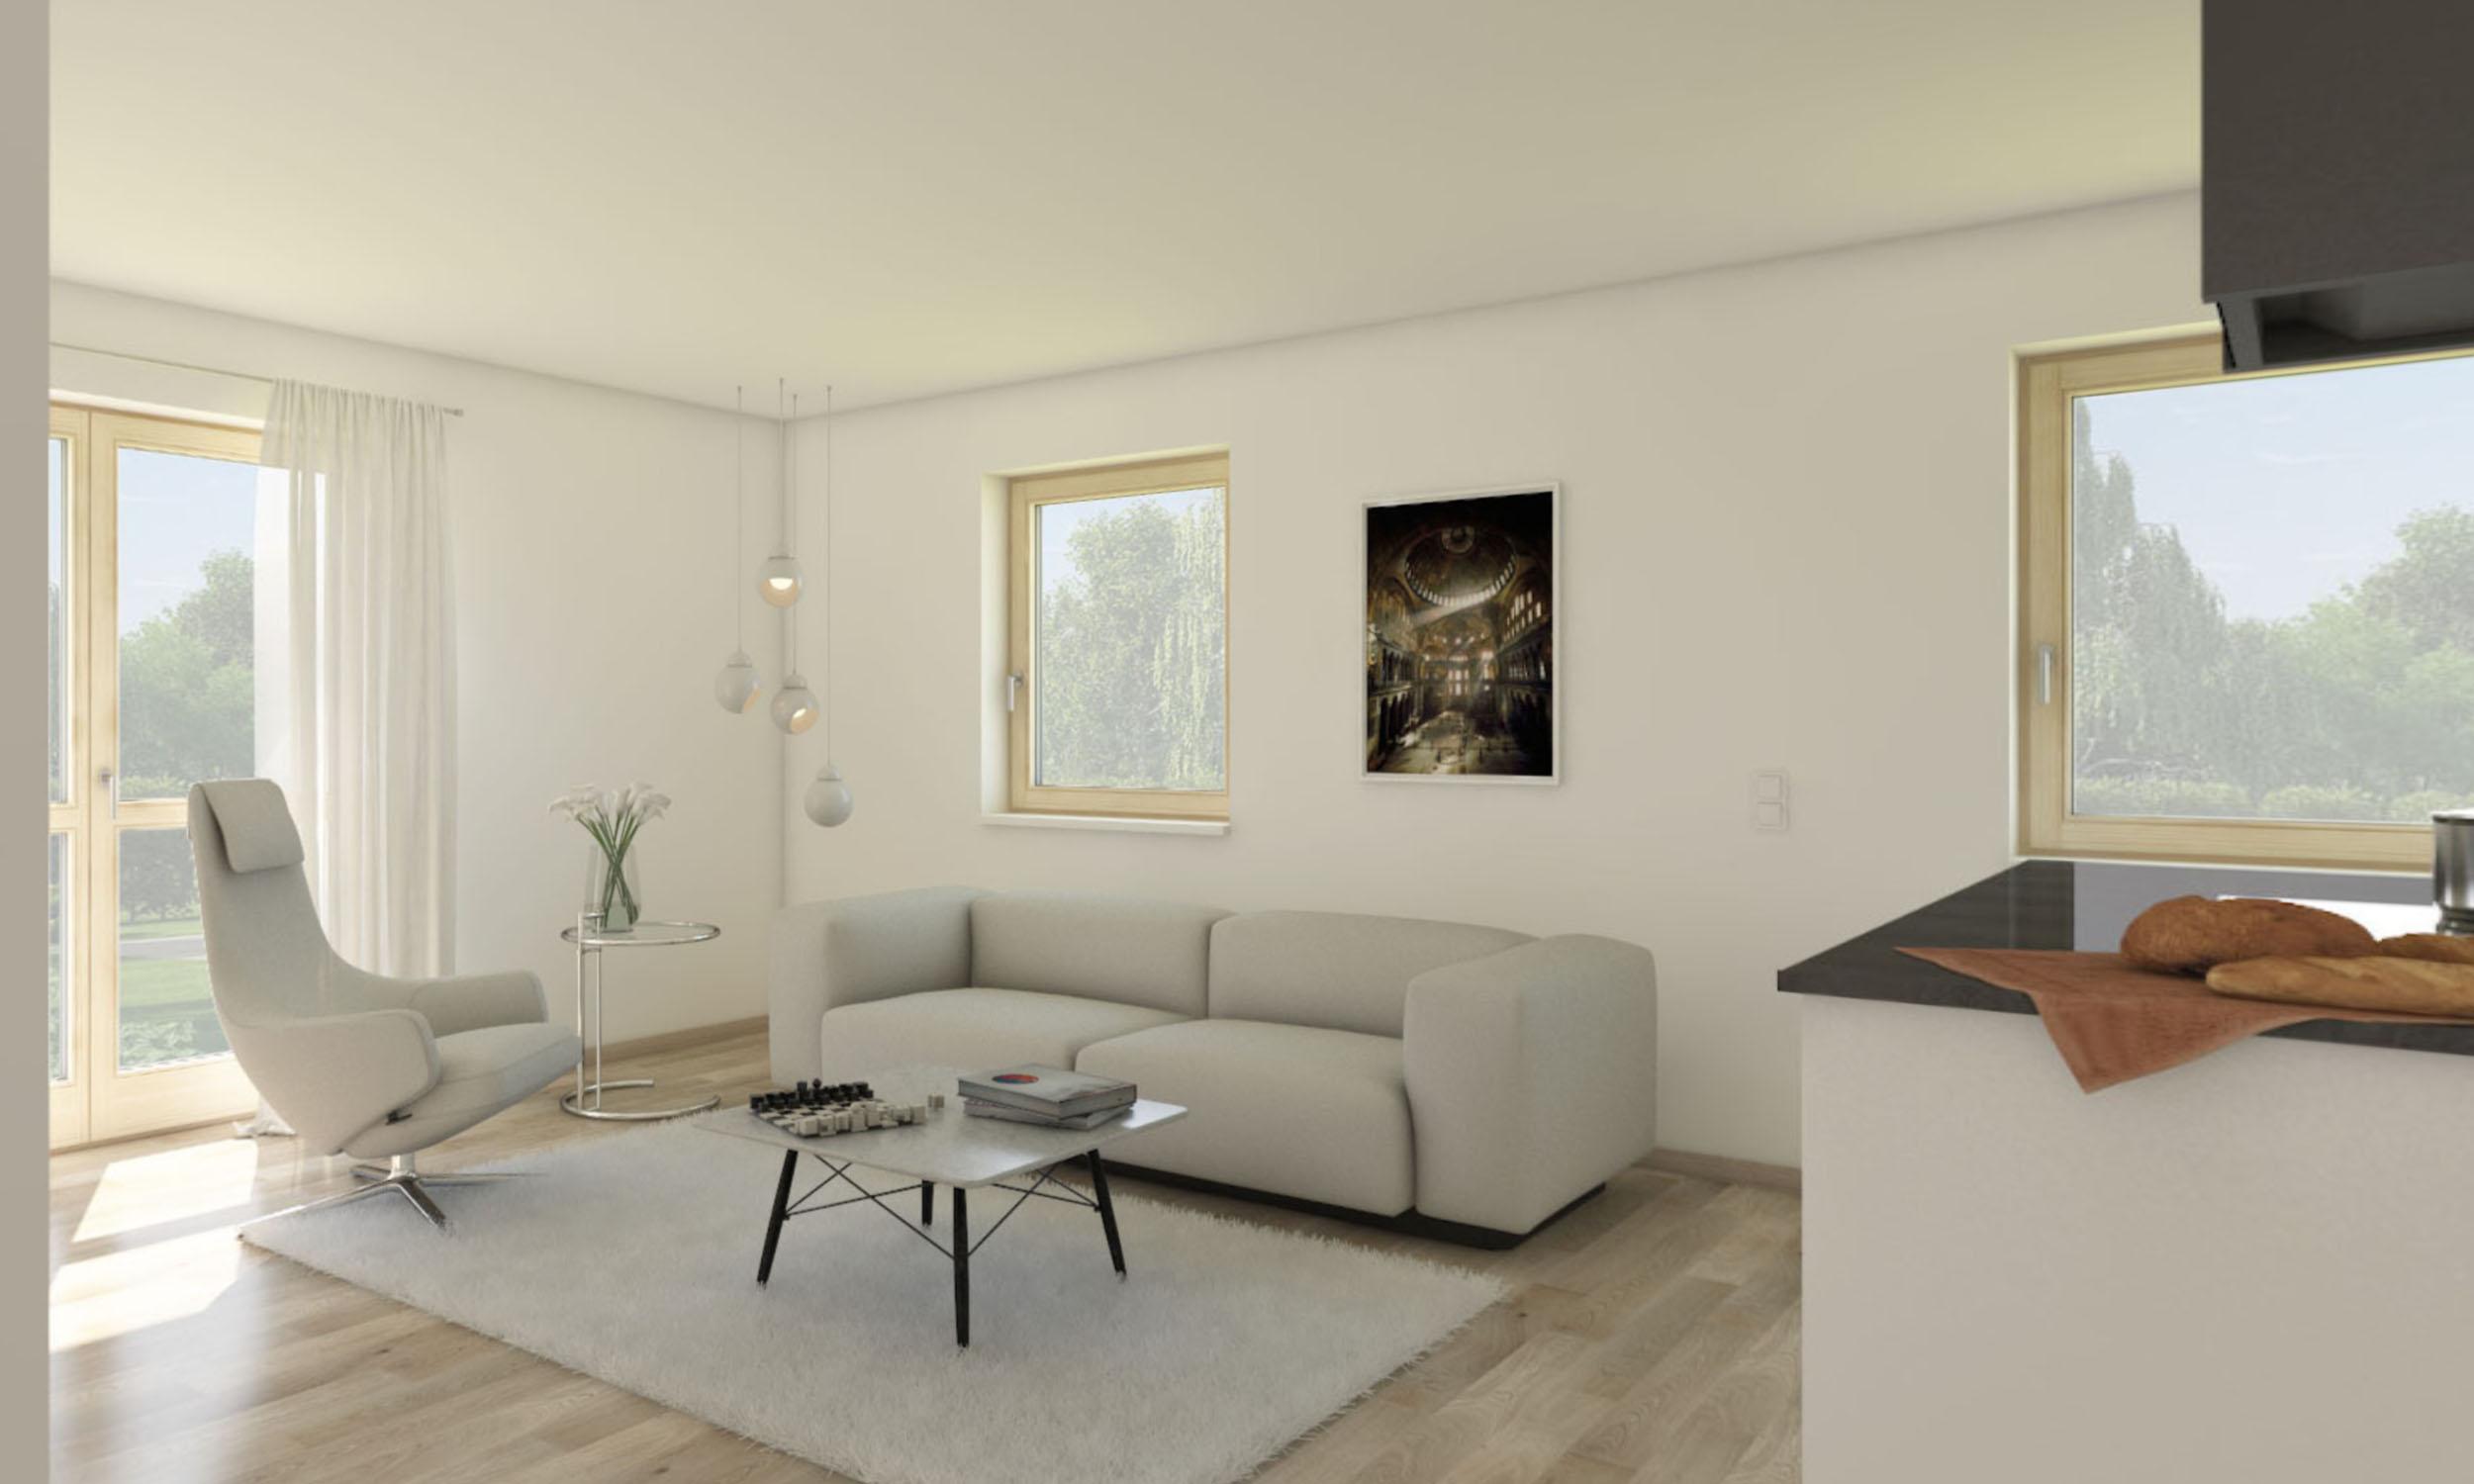 OG1_Wohnzimmer.jpg